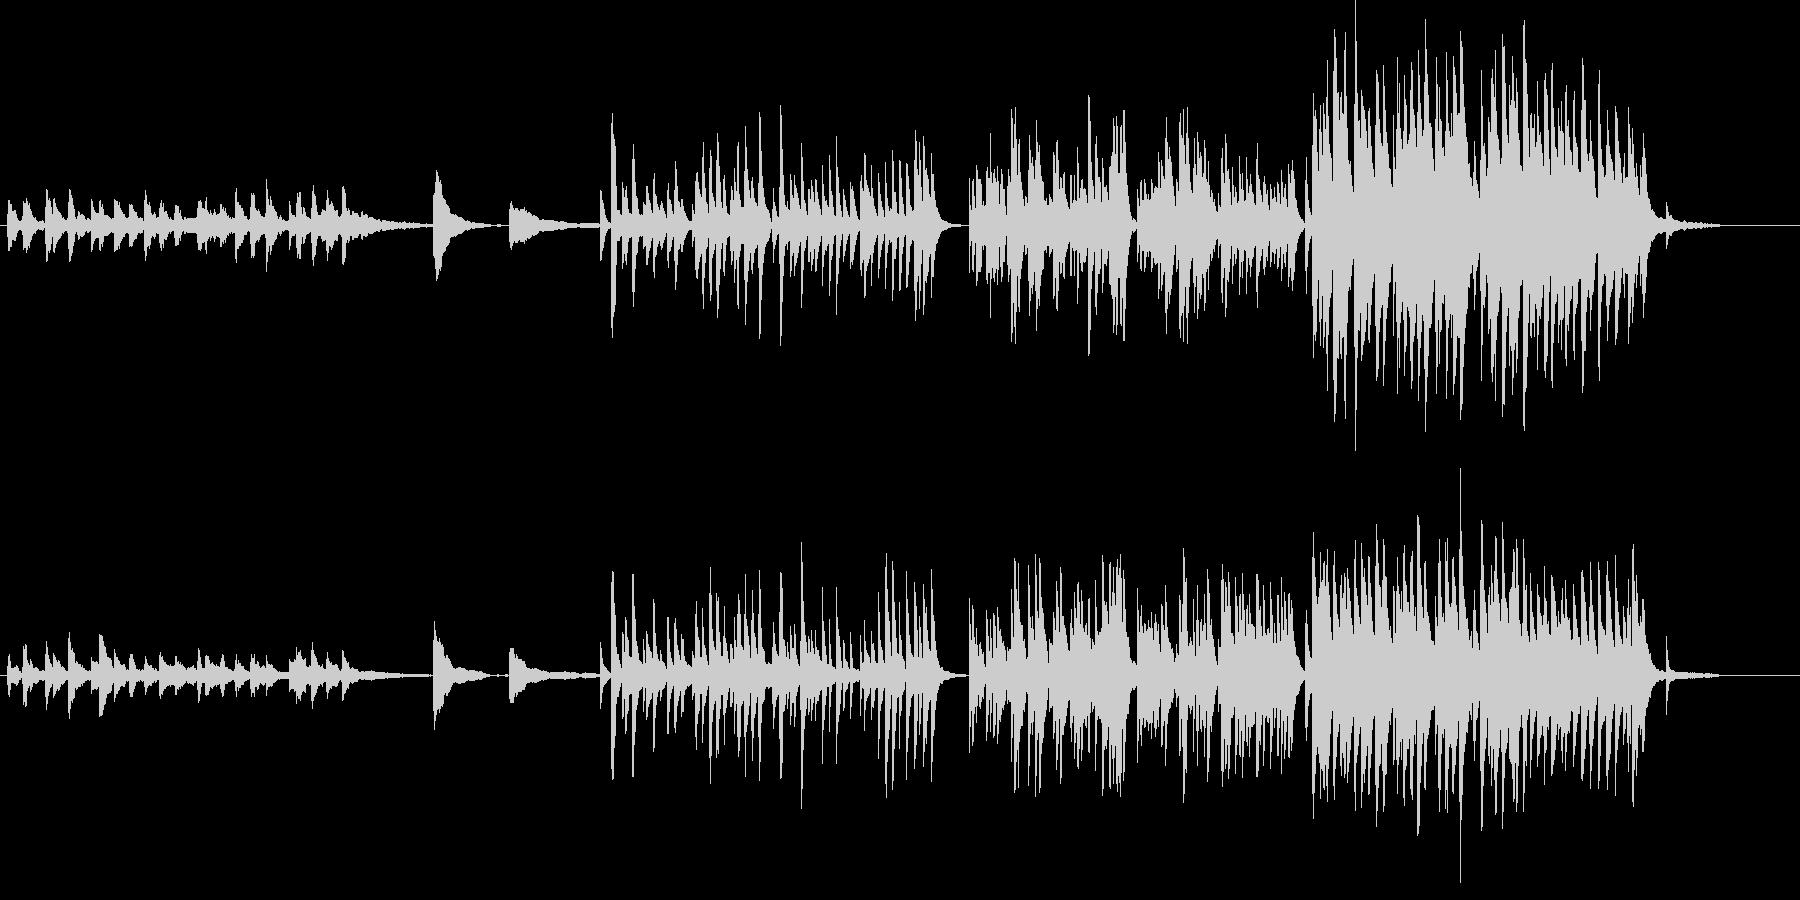 童話世界のBGM-Piano Ver.-の未再生の波形